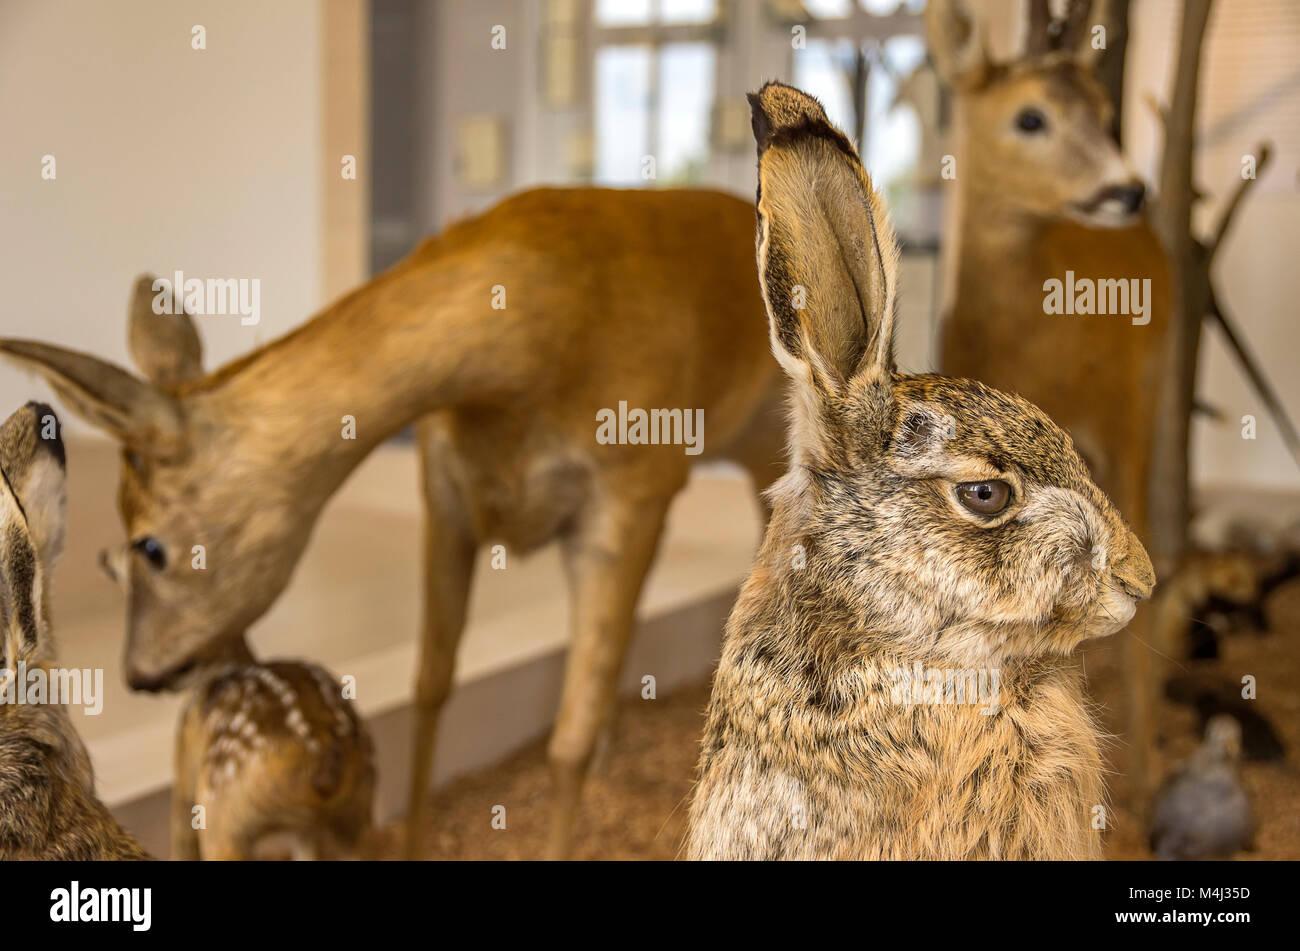 Hase und anderen Wald animalsl im Wald Museum () Waldmuseum Zwiesel, Bayerischer Wald, Bayern, Deutschland. Stockbild